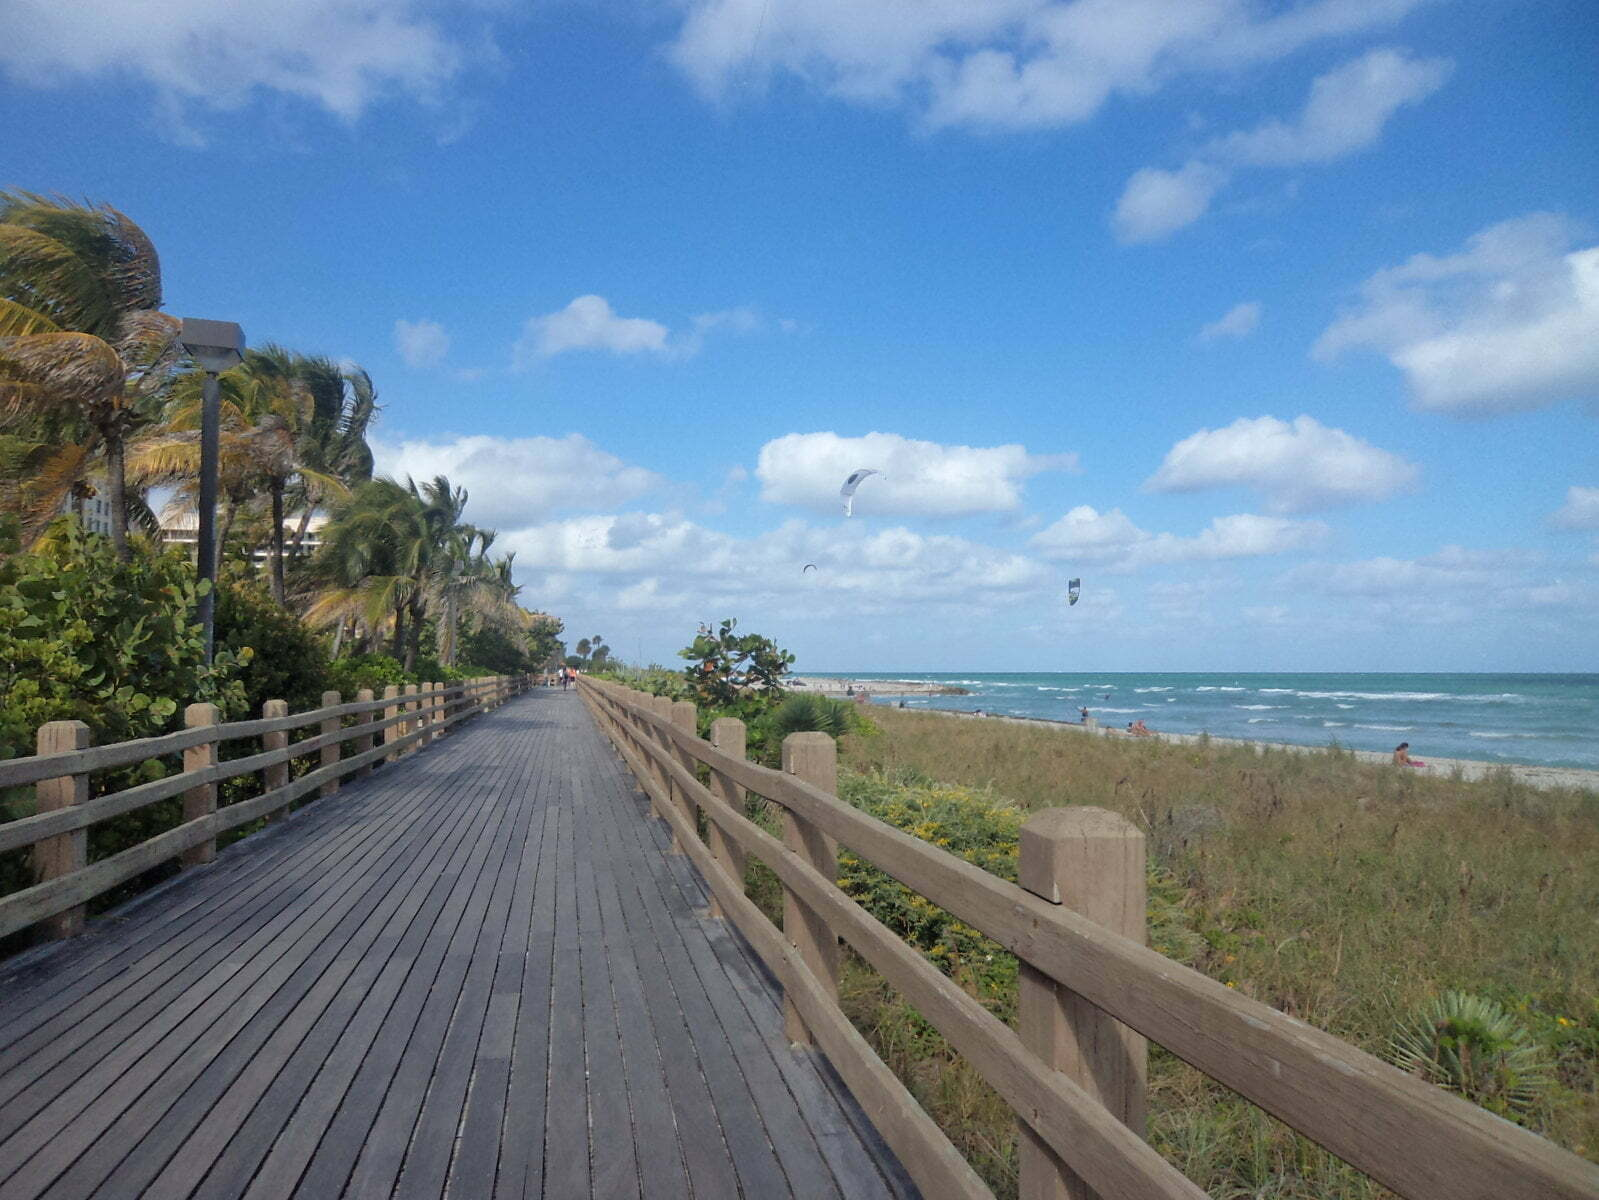 Paragliders em Miami Beach - Flórida, EUA